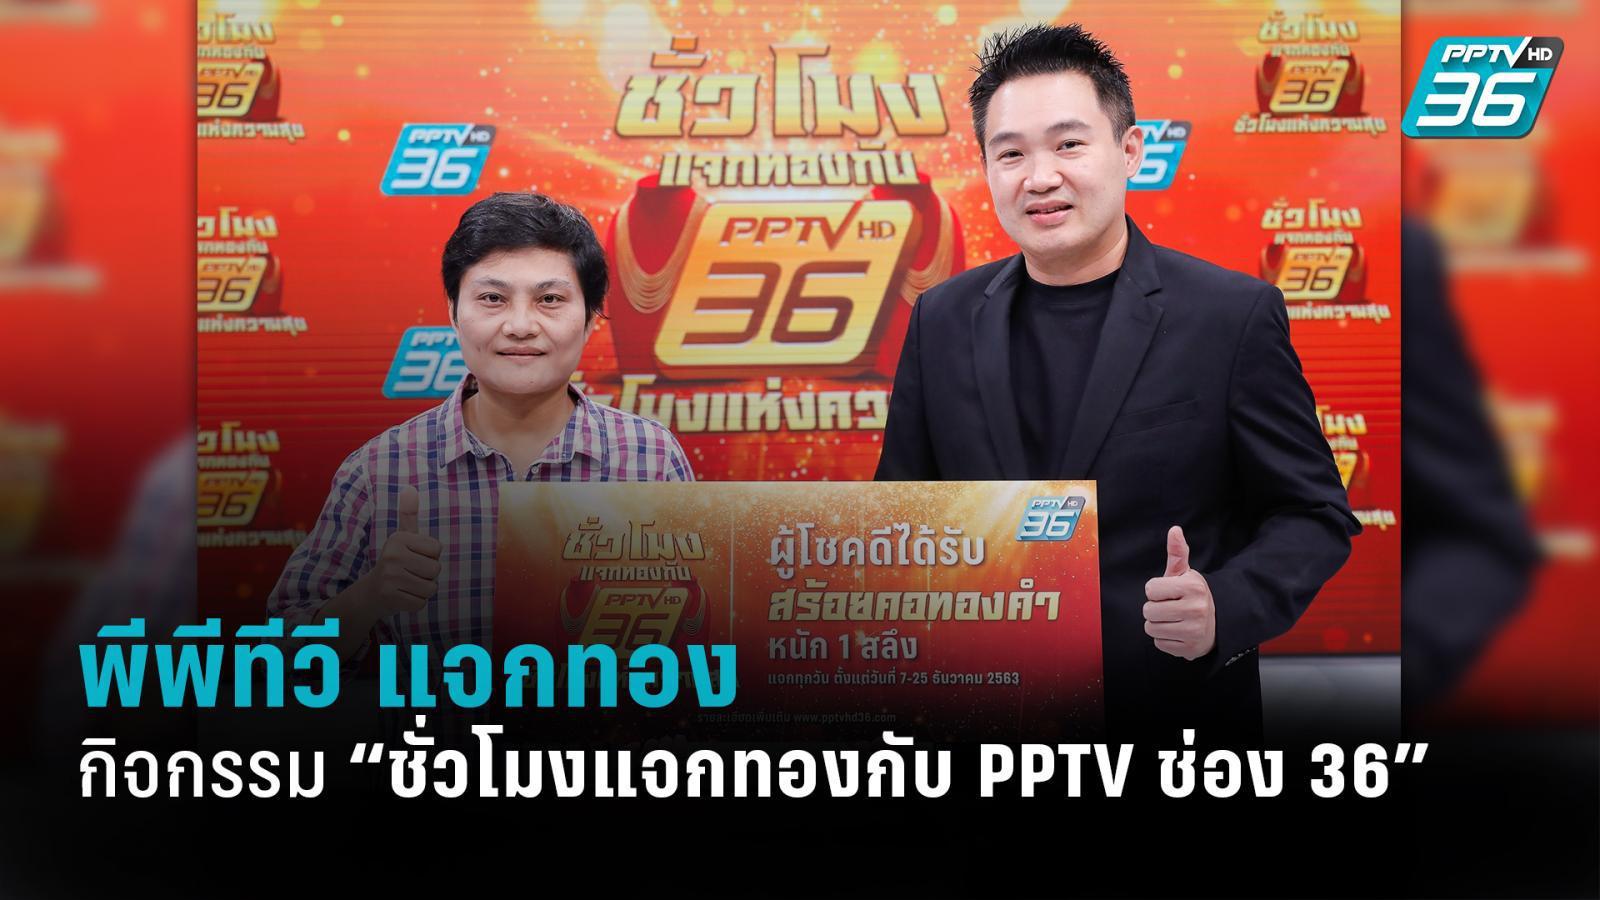 """พีพีทีวี ช่อง 36 จัดหนัก! แจกทอง ในกิจกรรม """"ชั่วโมงแจกทอง กับ PPTV ช่อง 36"""""""